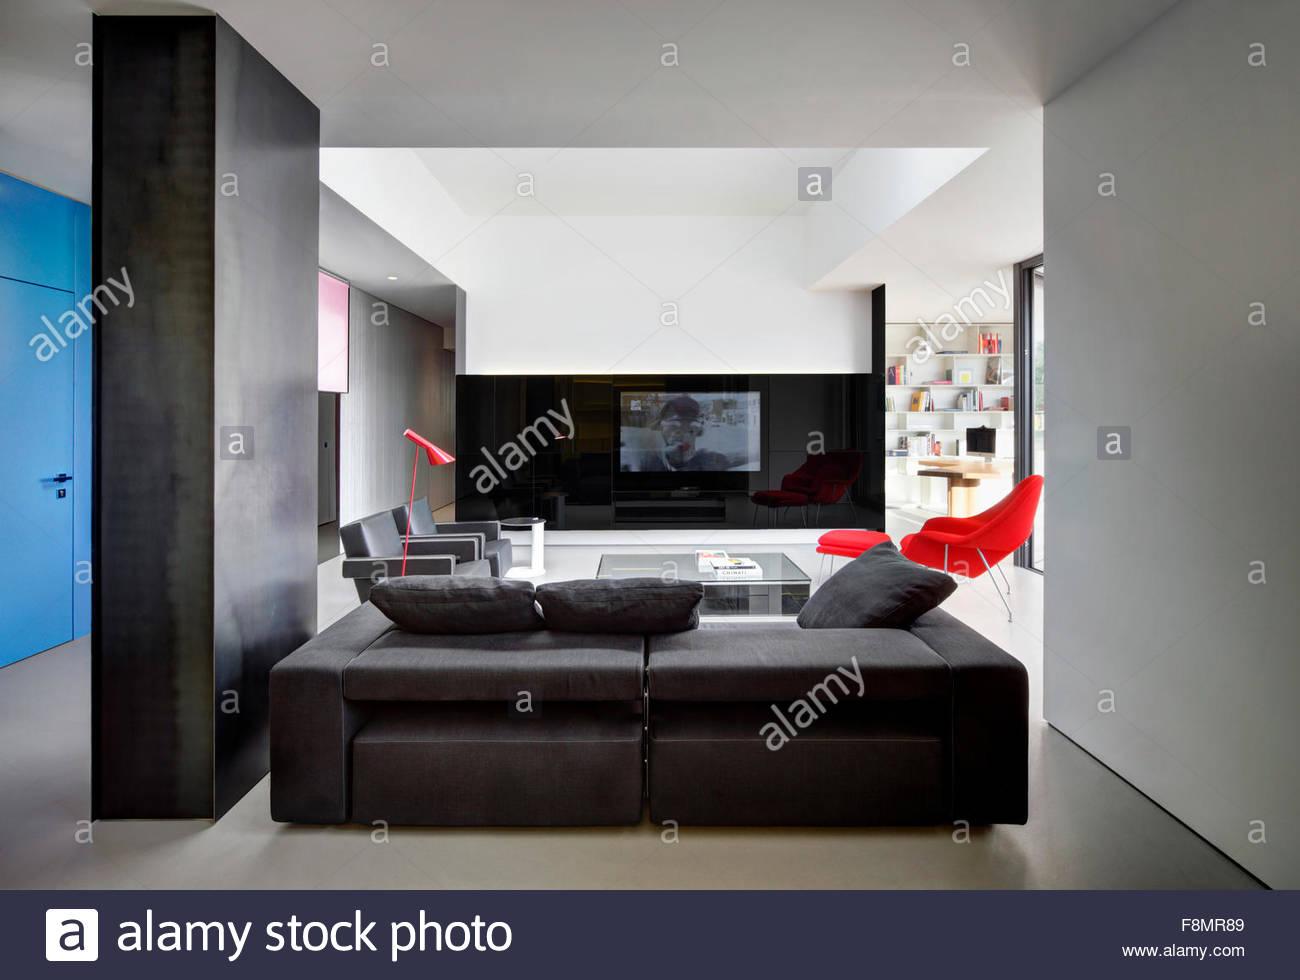 modernes interieur design farben, wohnung, nervi. innenansicht eines wohnzimmers in einer modernen, Design ideen